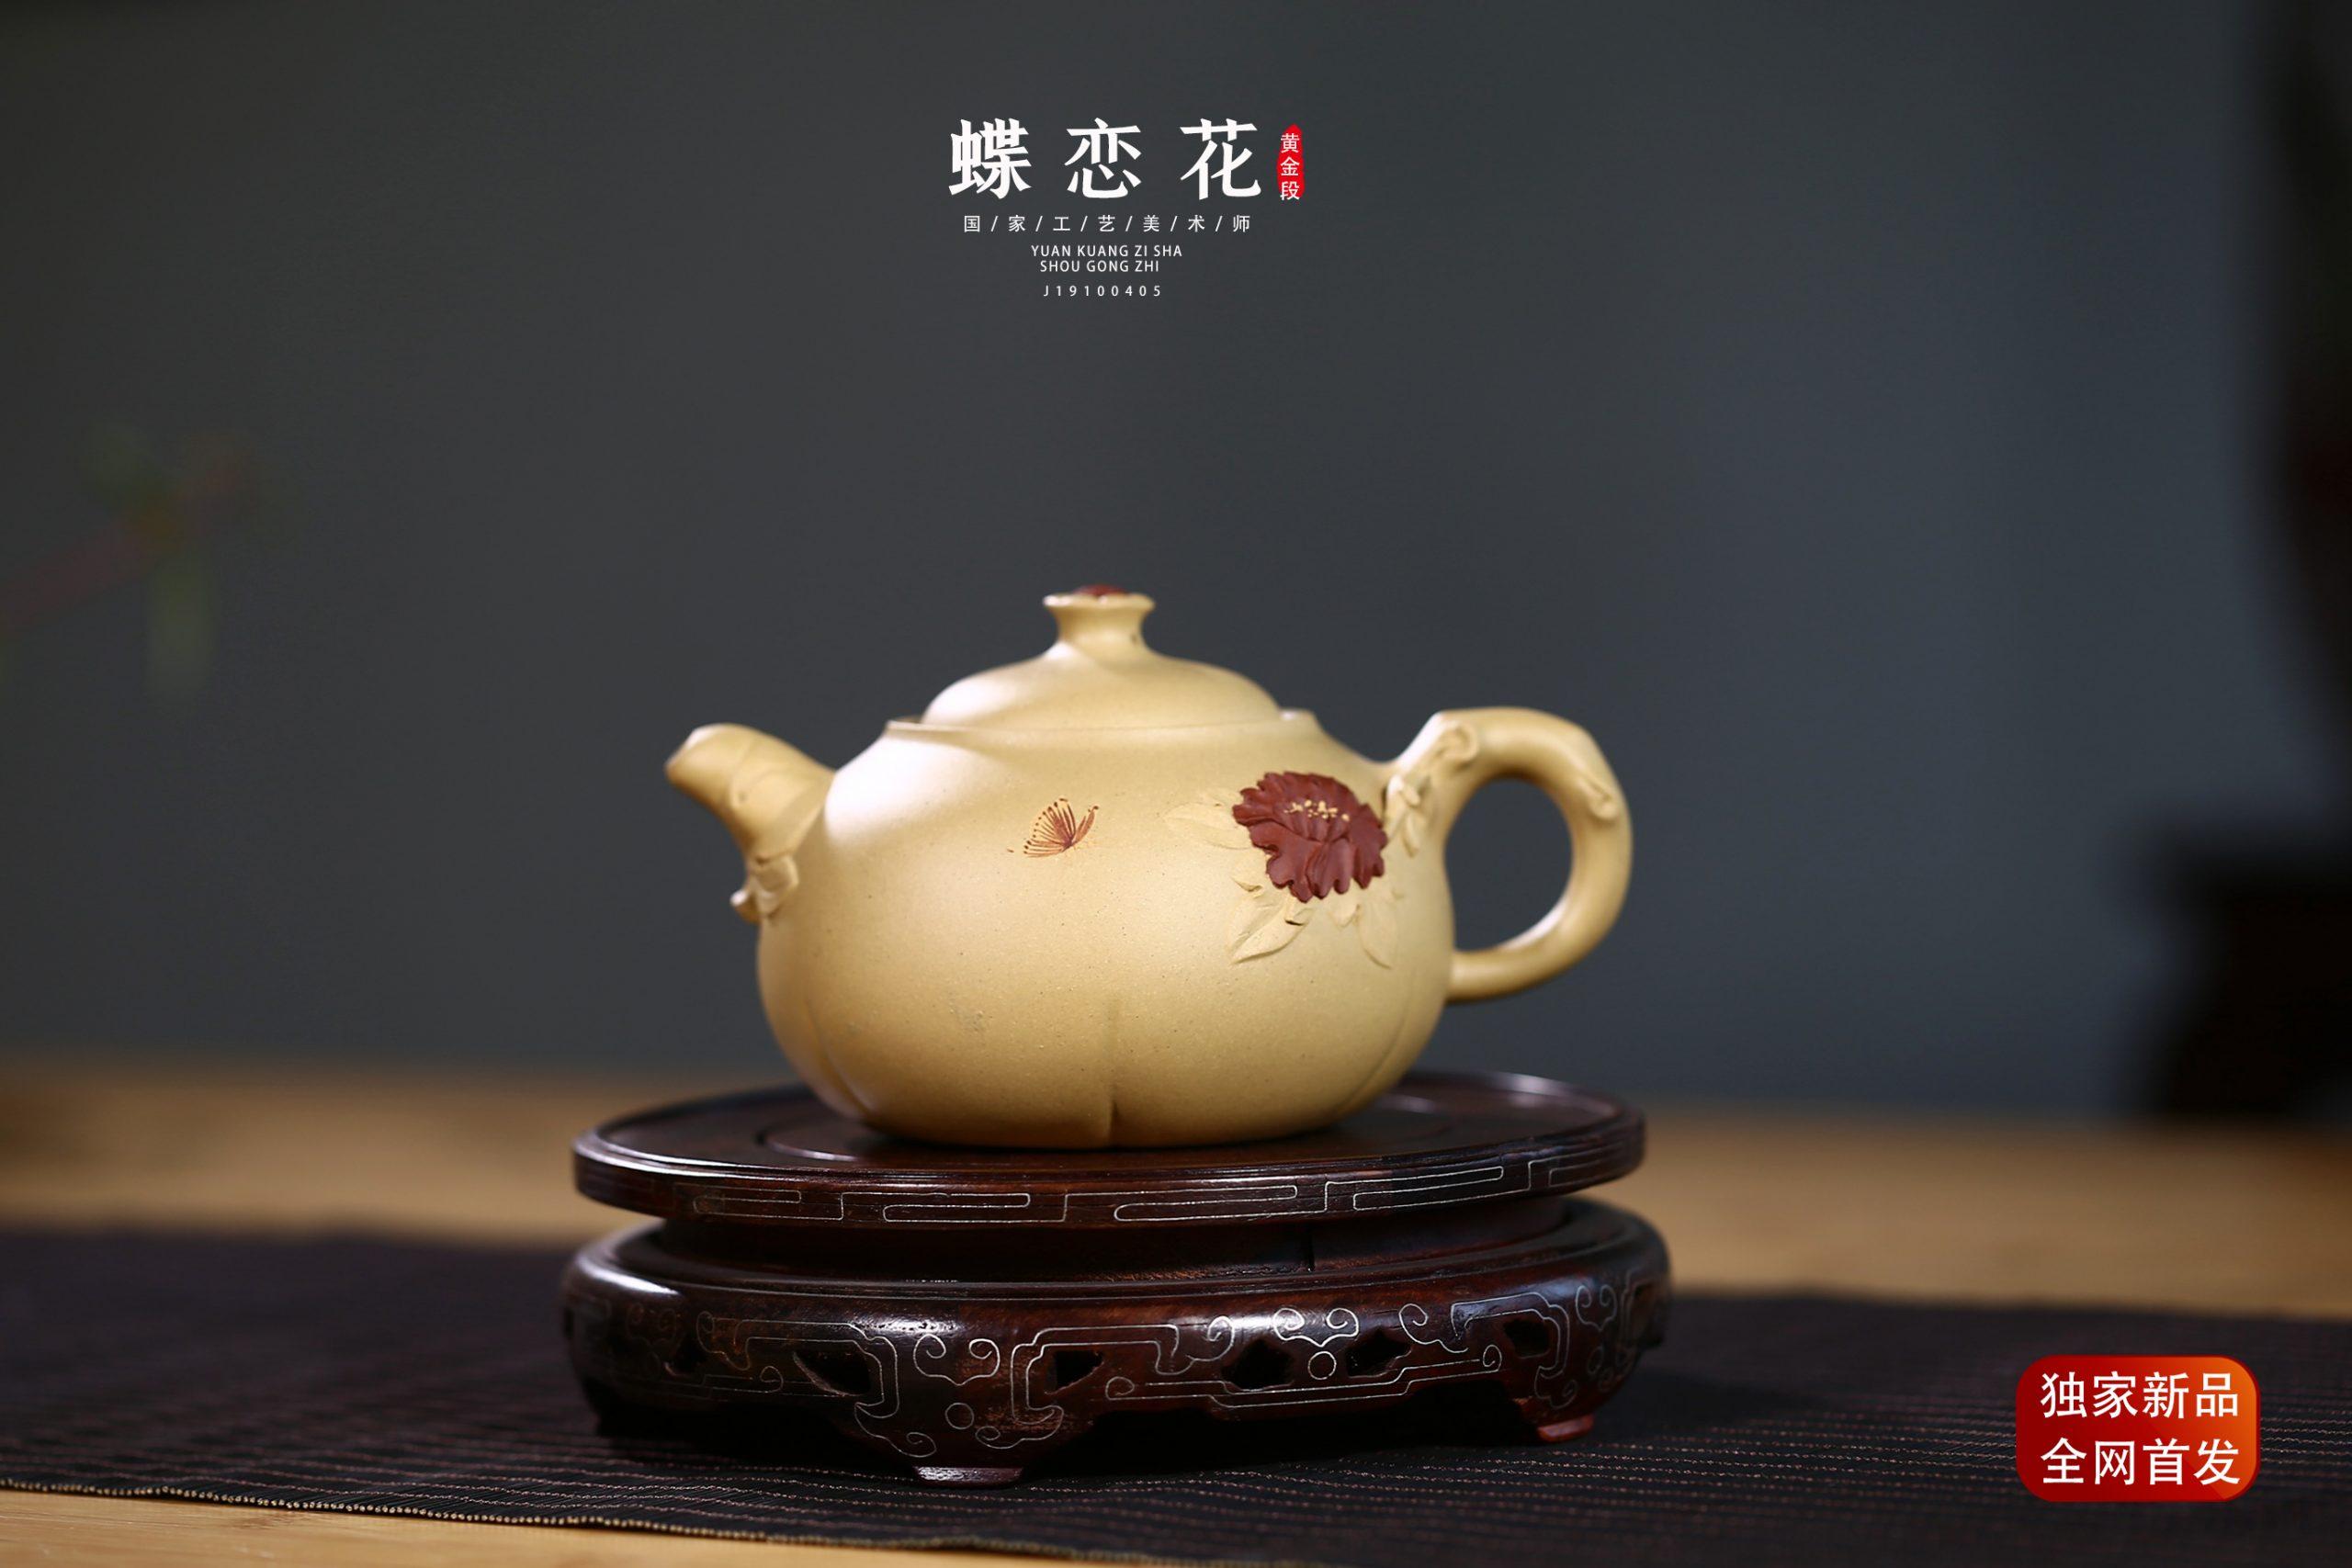 紫砂泥中帝王金:黄金段泥